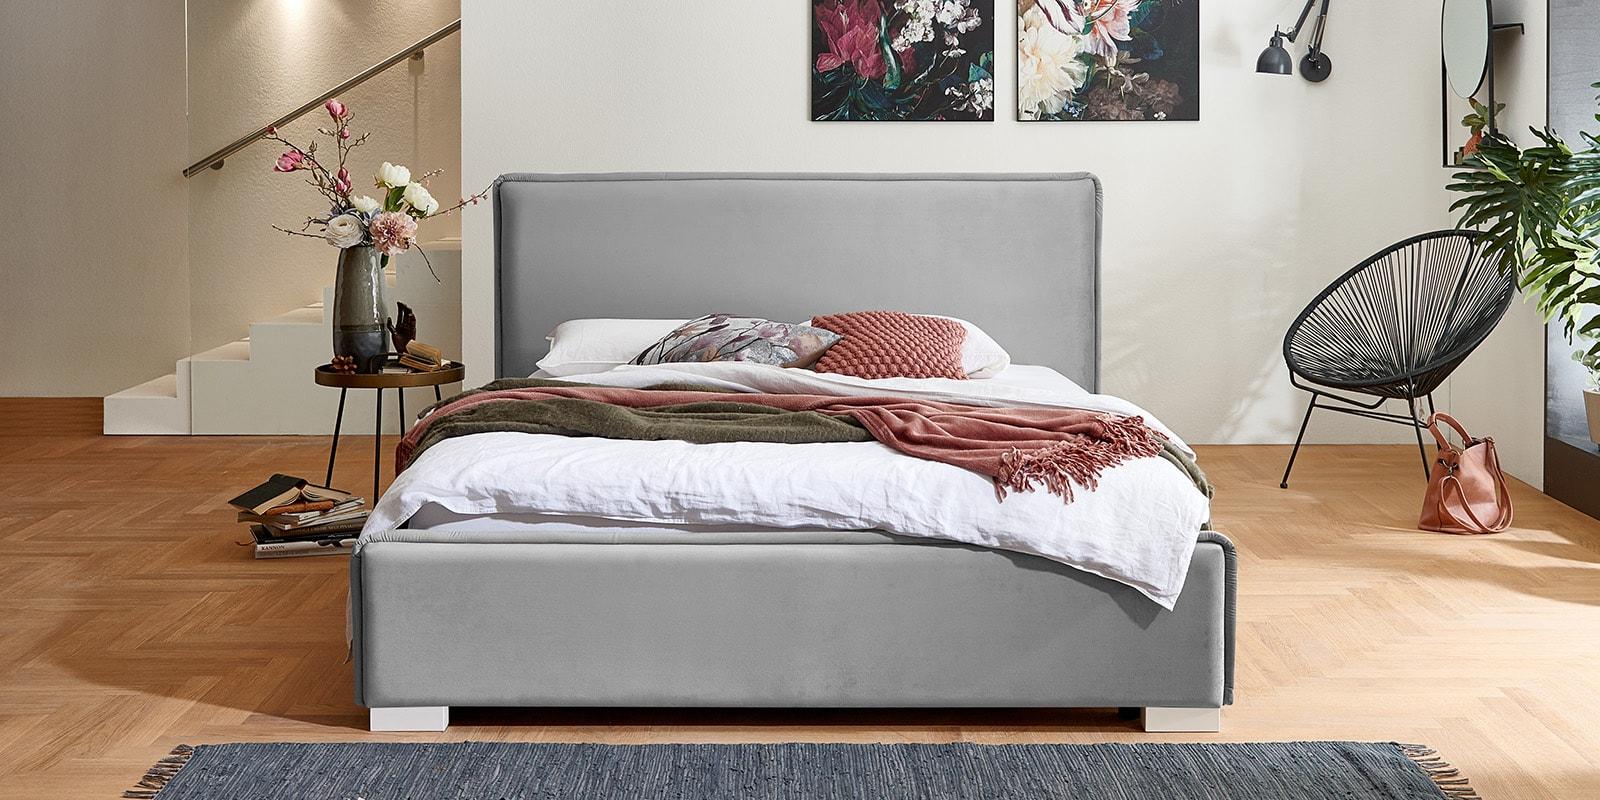 Moebella24 - Bett - mit - Bettkasten - Sofia - Samt - Grau - Stauraum - Kopfteil - Frontal